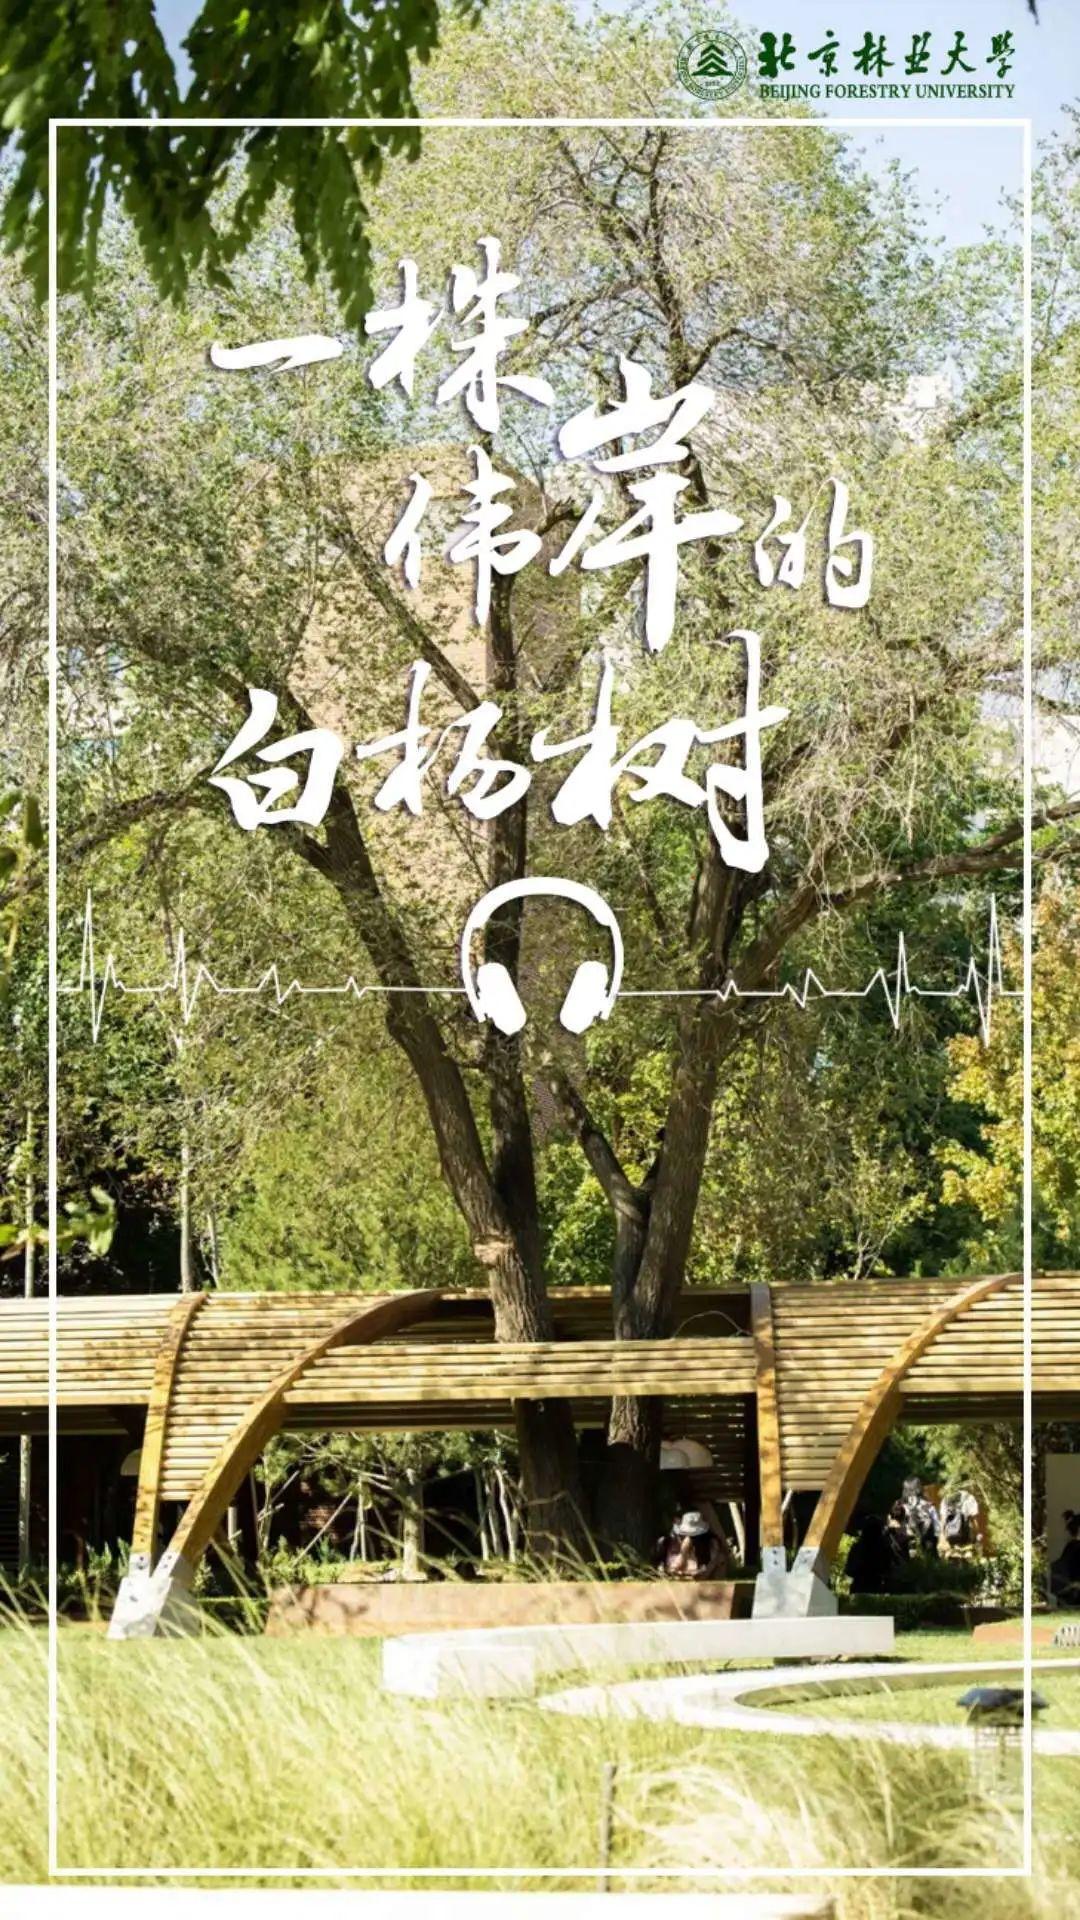 周末电台 | 一株伟岸的白杨树,一段值得永远珍藏的记忆图片